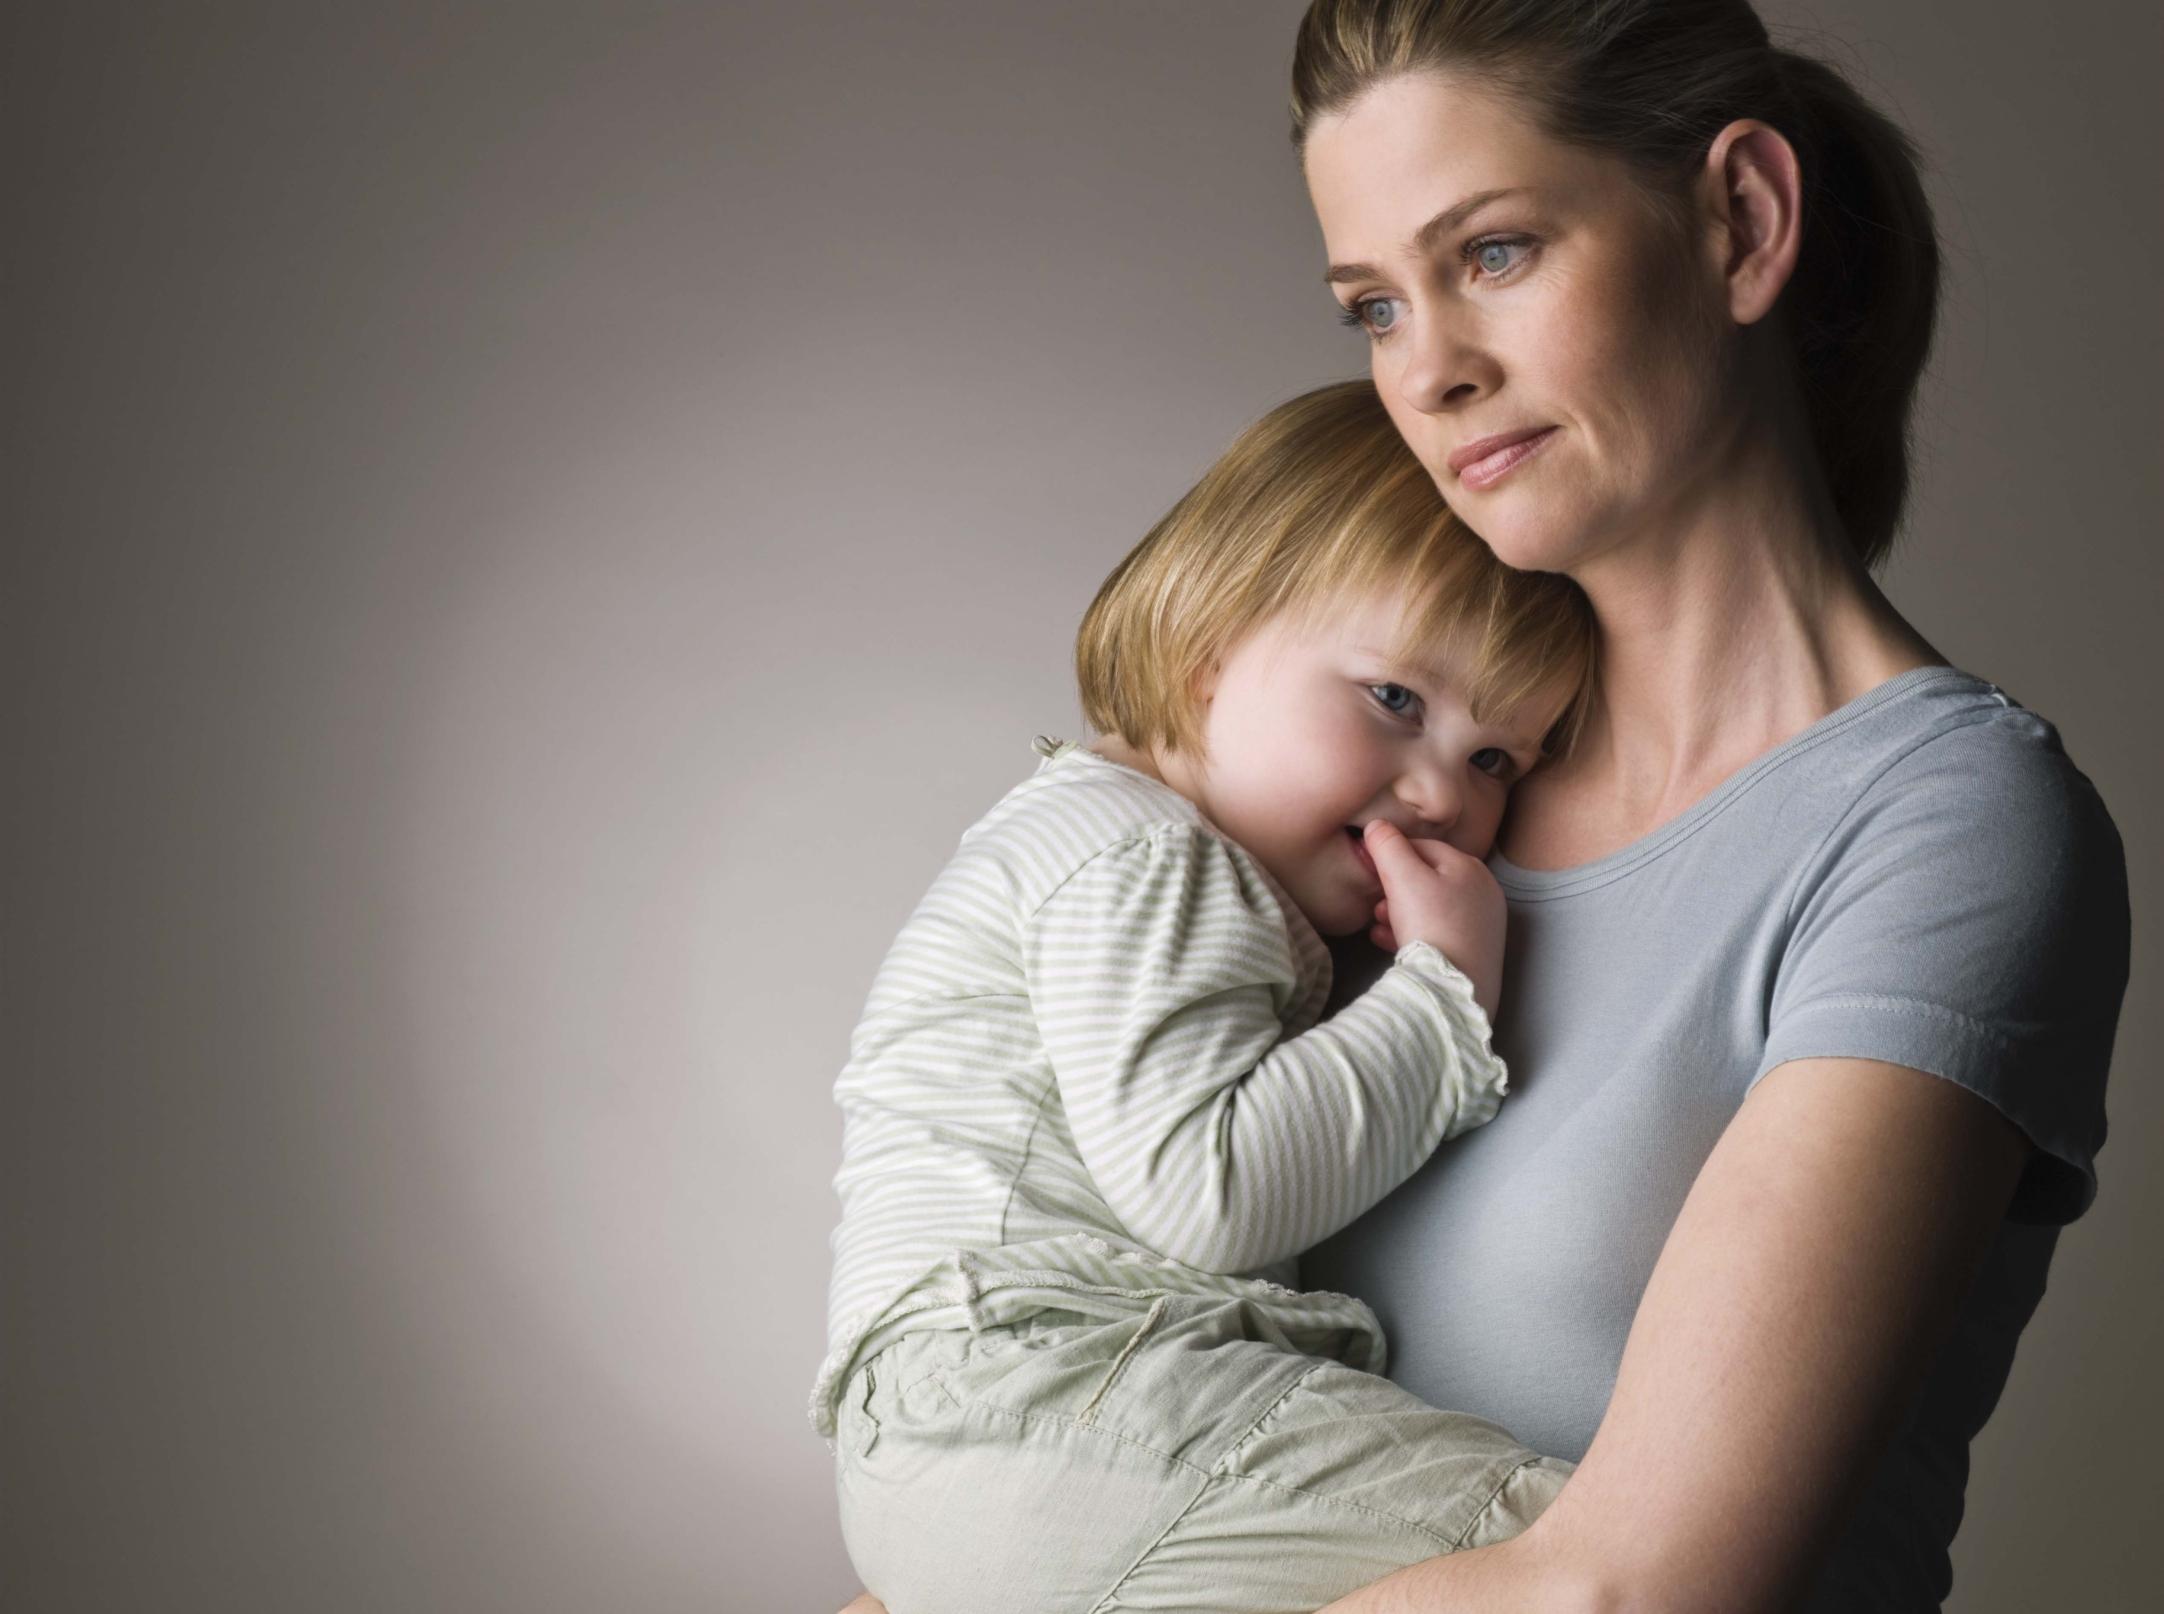 Что не так с нашим материнством? Блиц-опрос накануне Дня матери